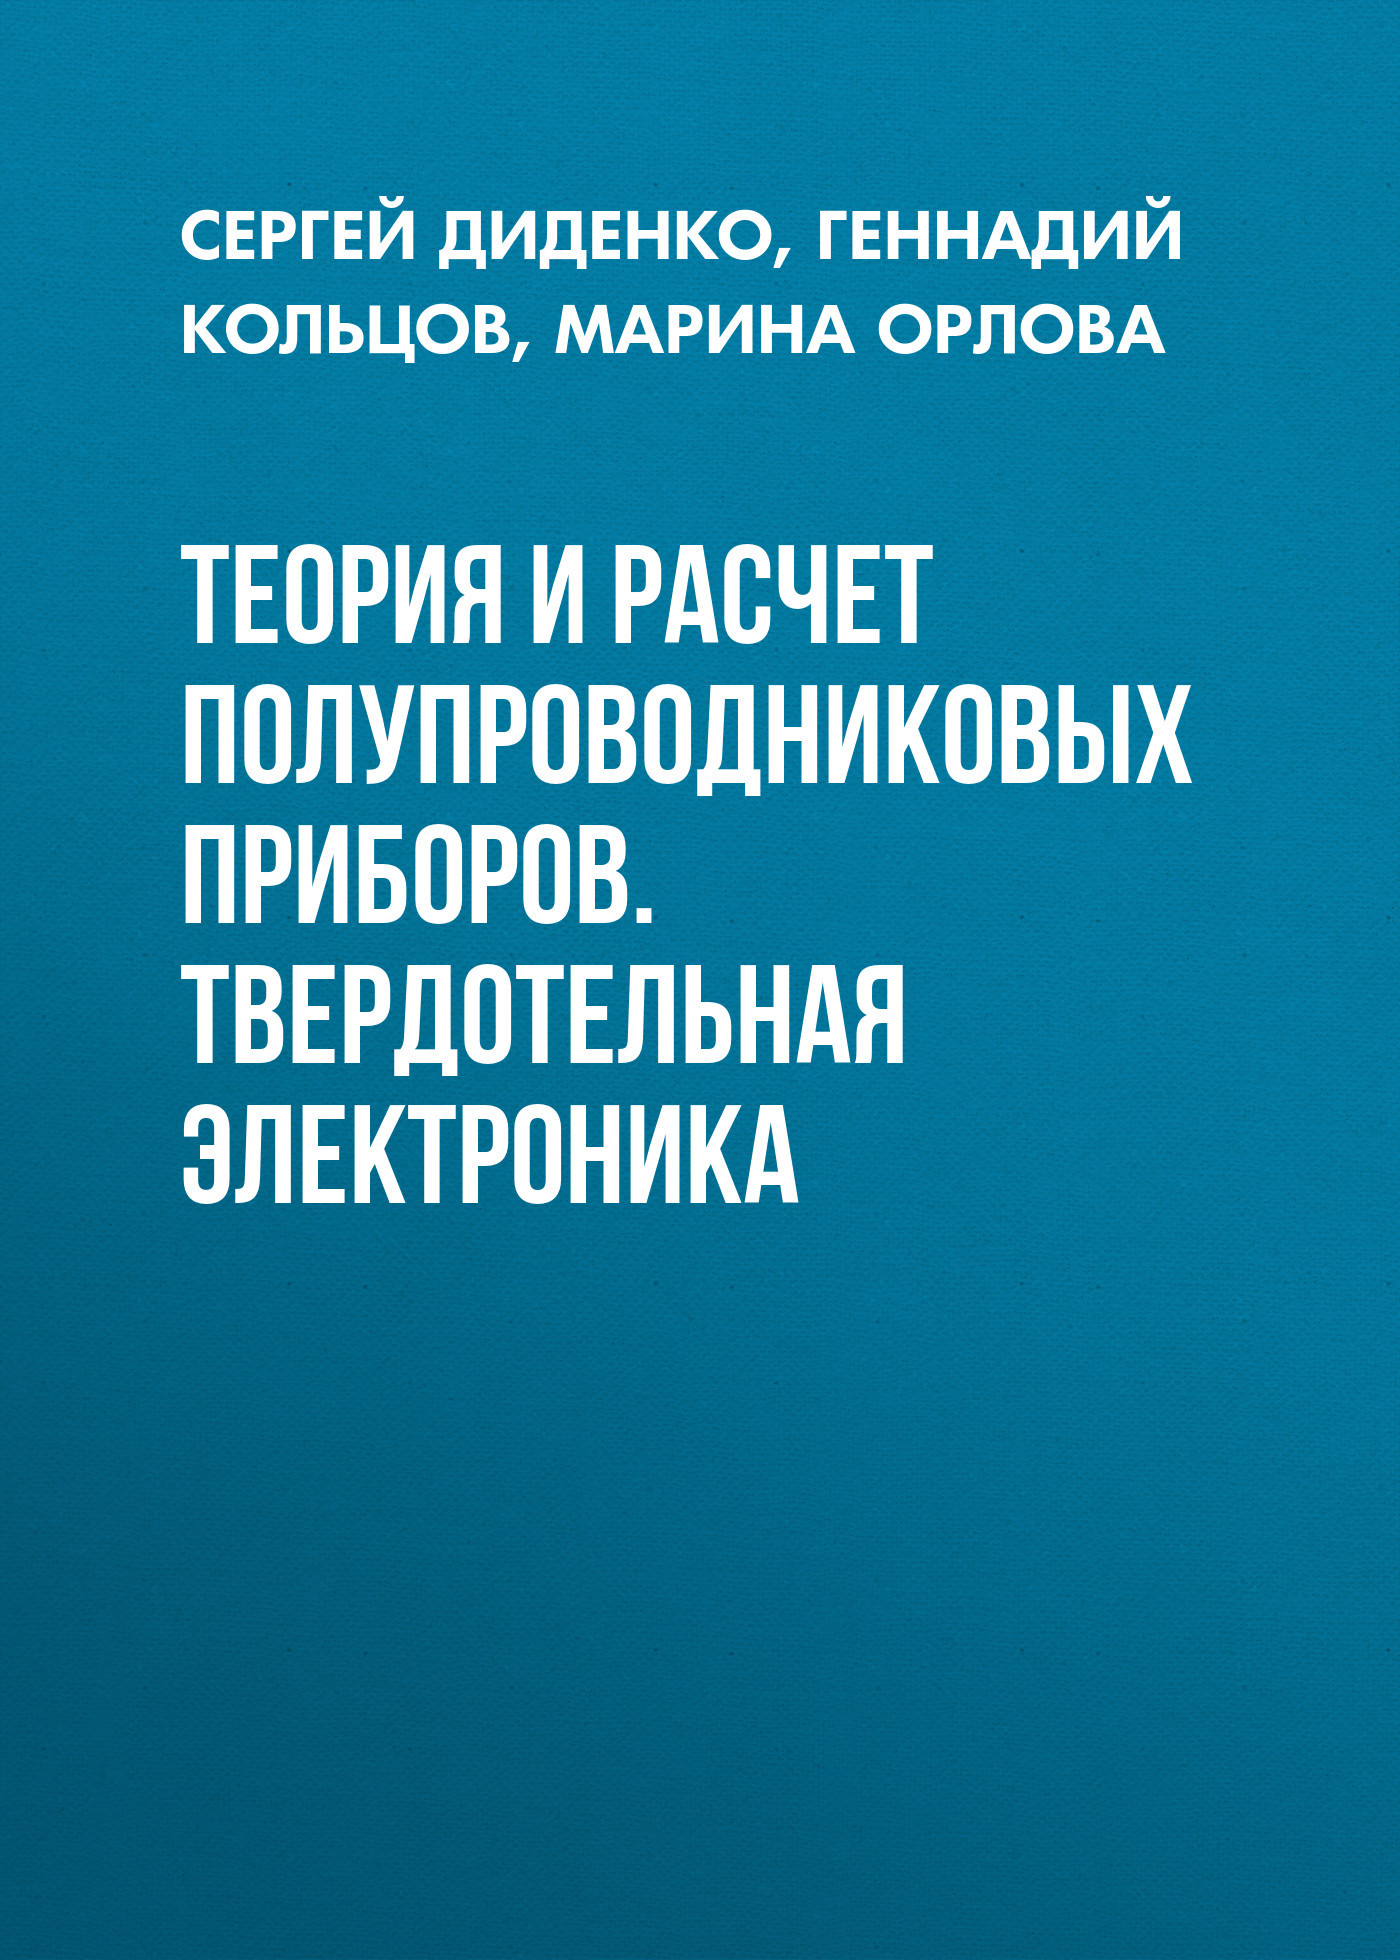 Геннадий Кольцов Теория и расчет полупроводниковых приборов. Твердотельная электроника